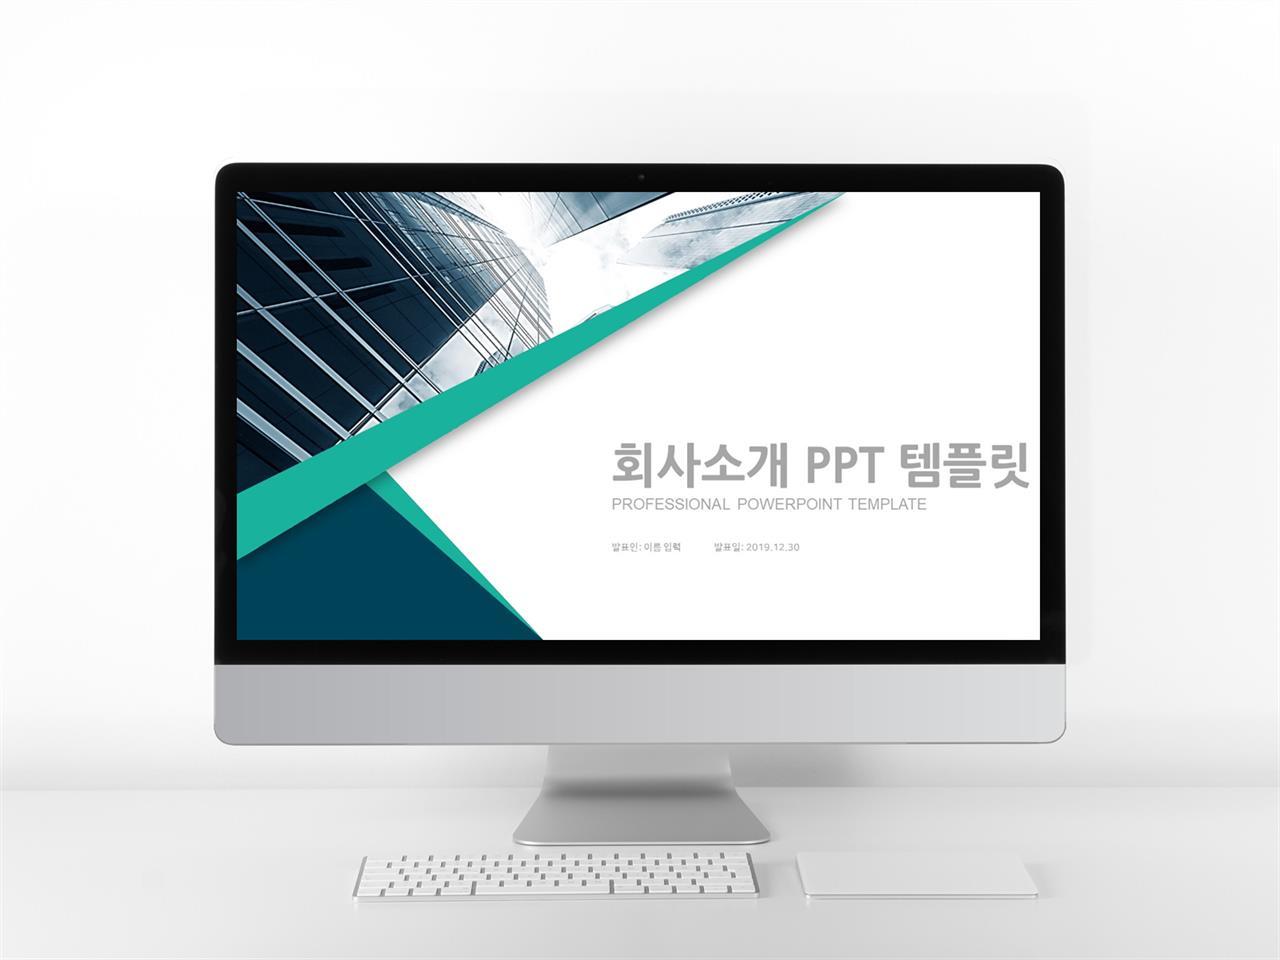 기업홍보 녹색 단조로운 고퀄리티 피피티탬플릿 제작 미리보기